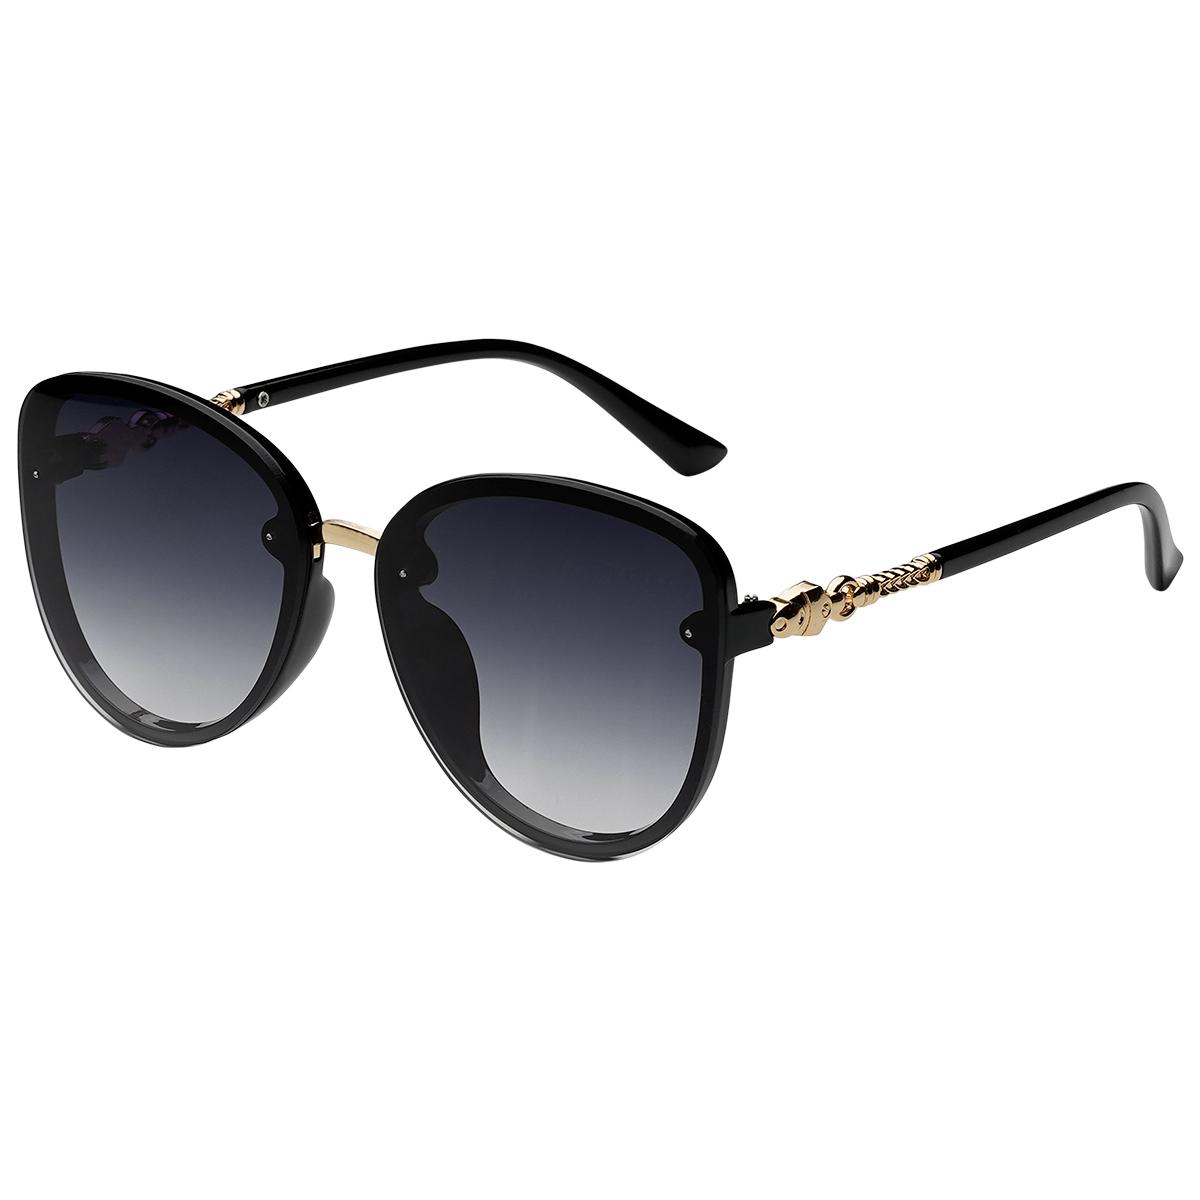 Sonnenbrille eleganz